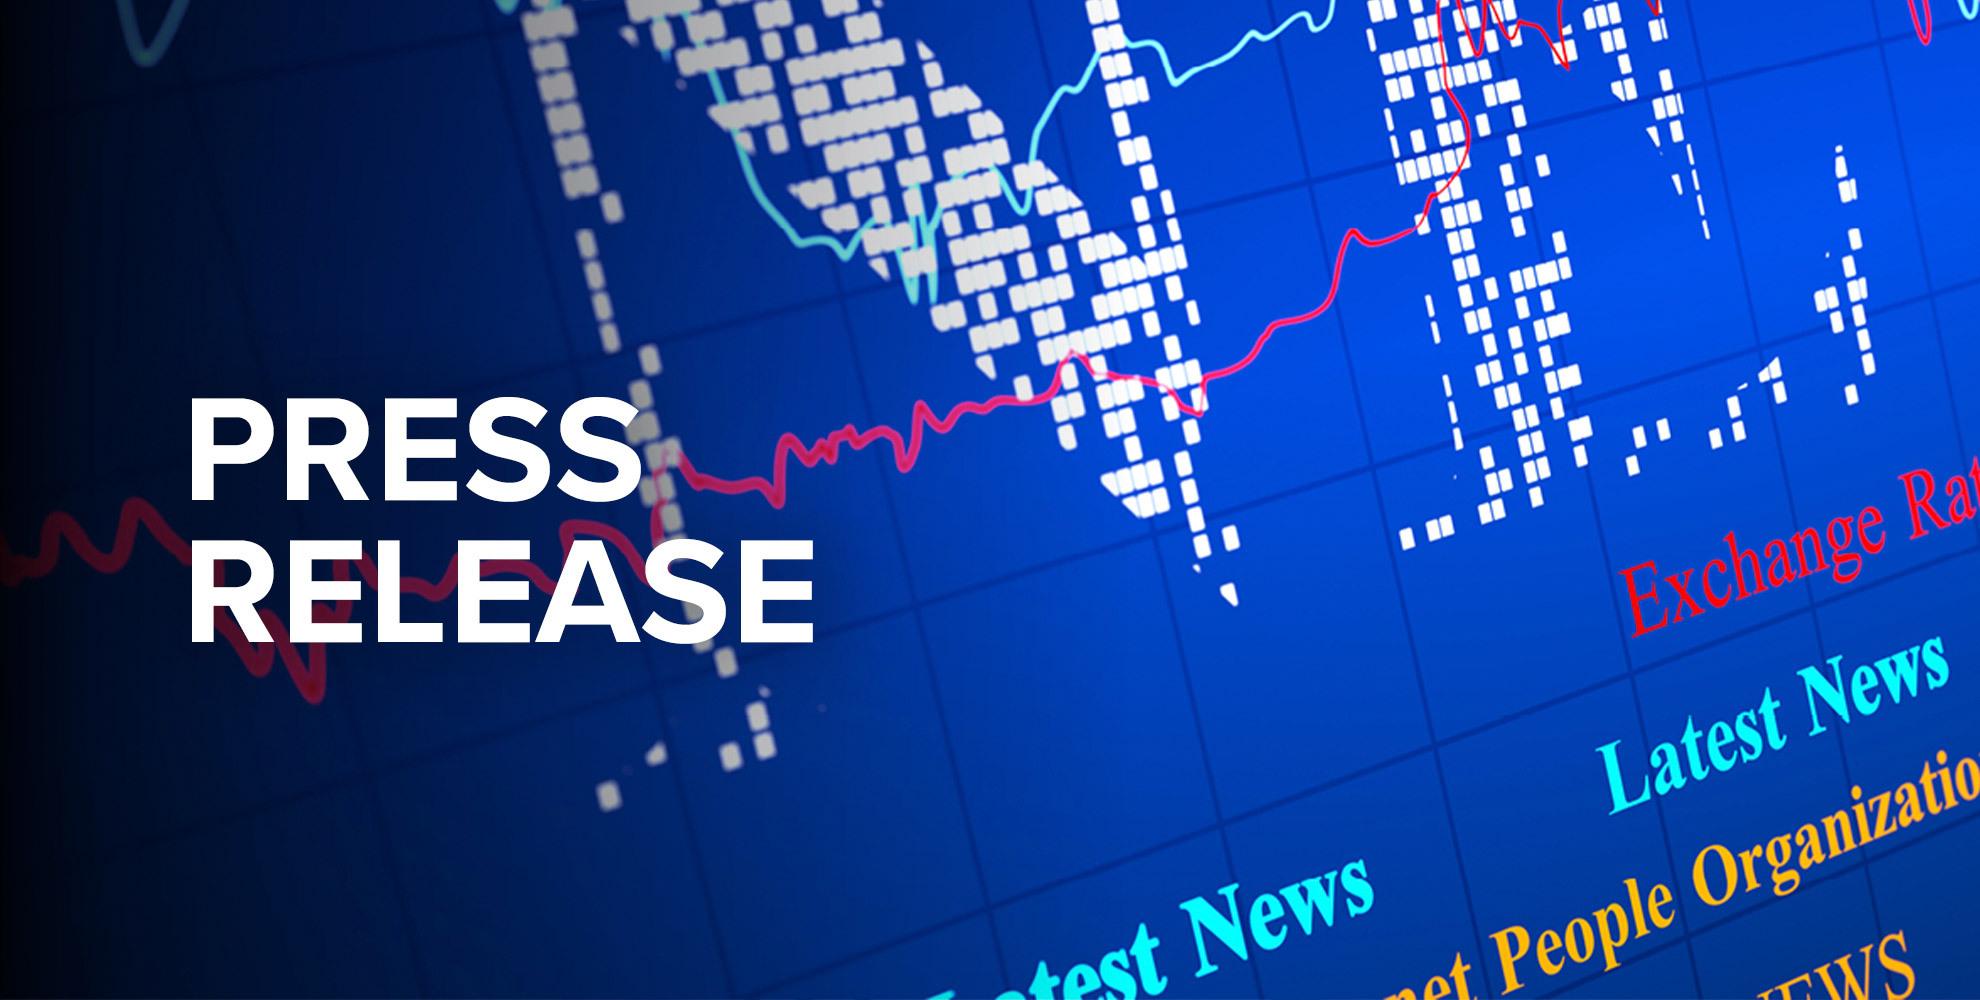 Press Release: Hologic® to Acquire Biotheranostics